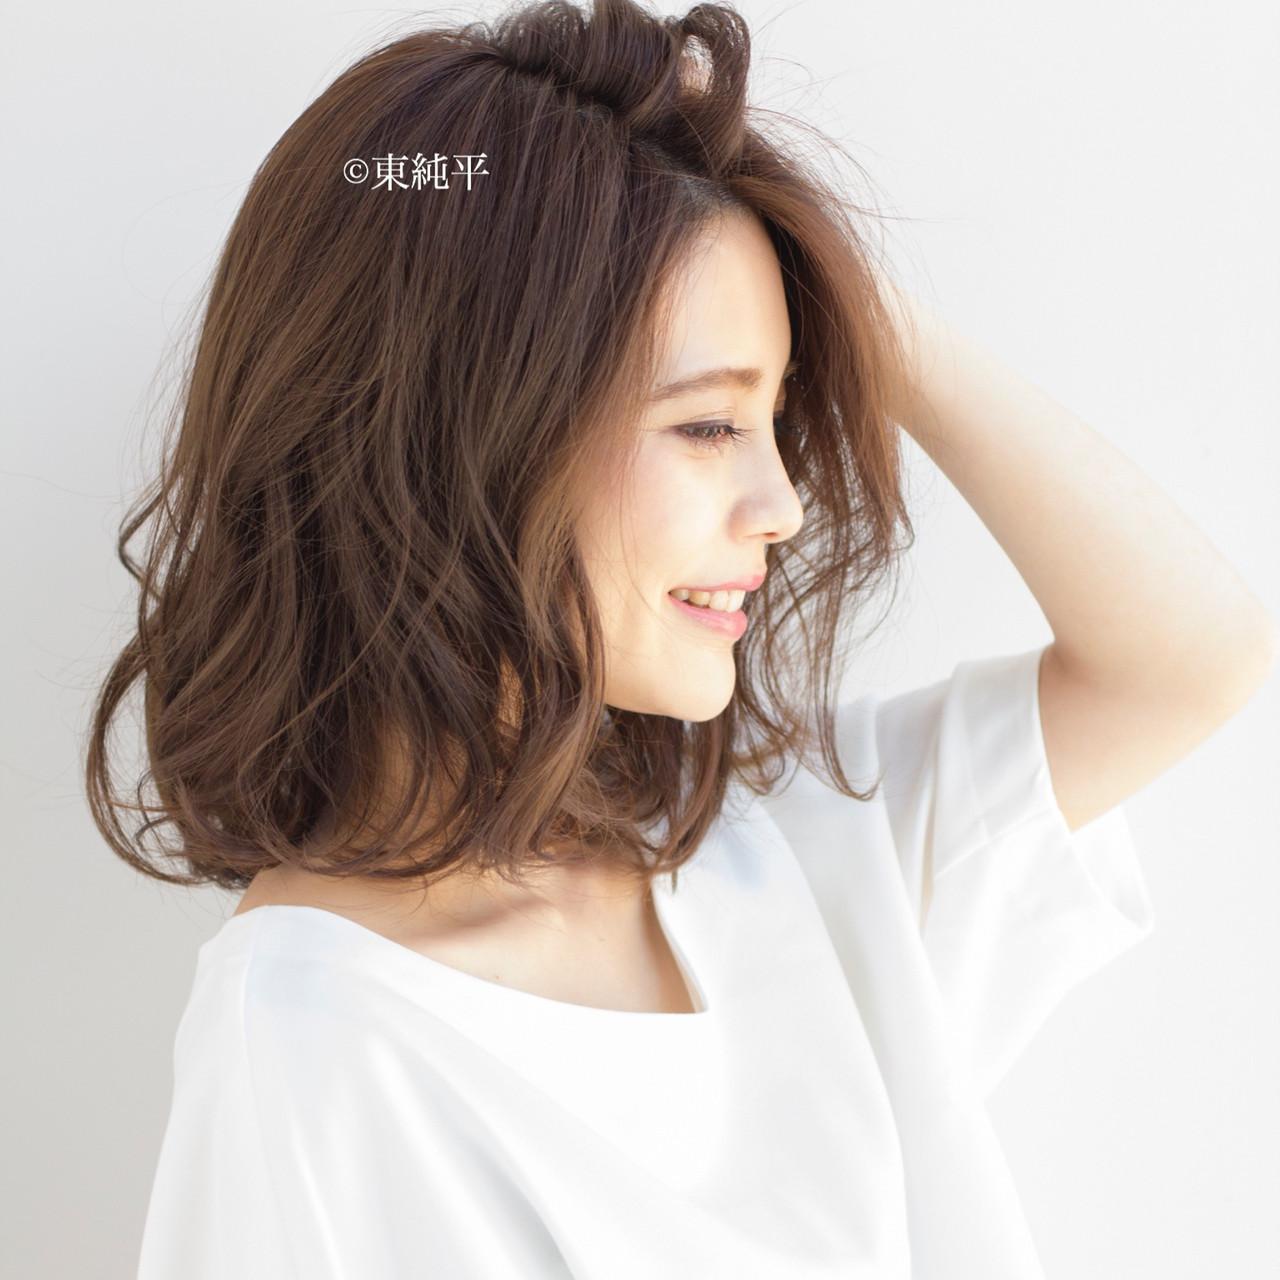 ボブ パーマ ナチュラル 大人可愛い ヘアスタイルや髪型の写真・画像 | 【ボブのスペシャリスト】東 純平 / Gallica mimami aoyama